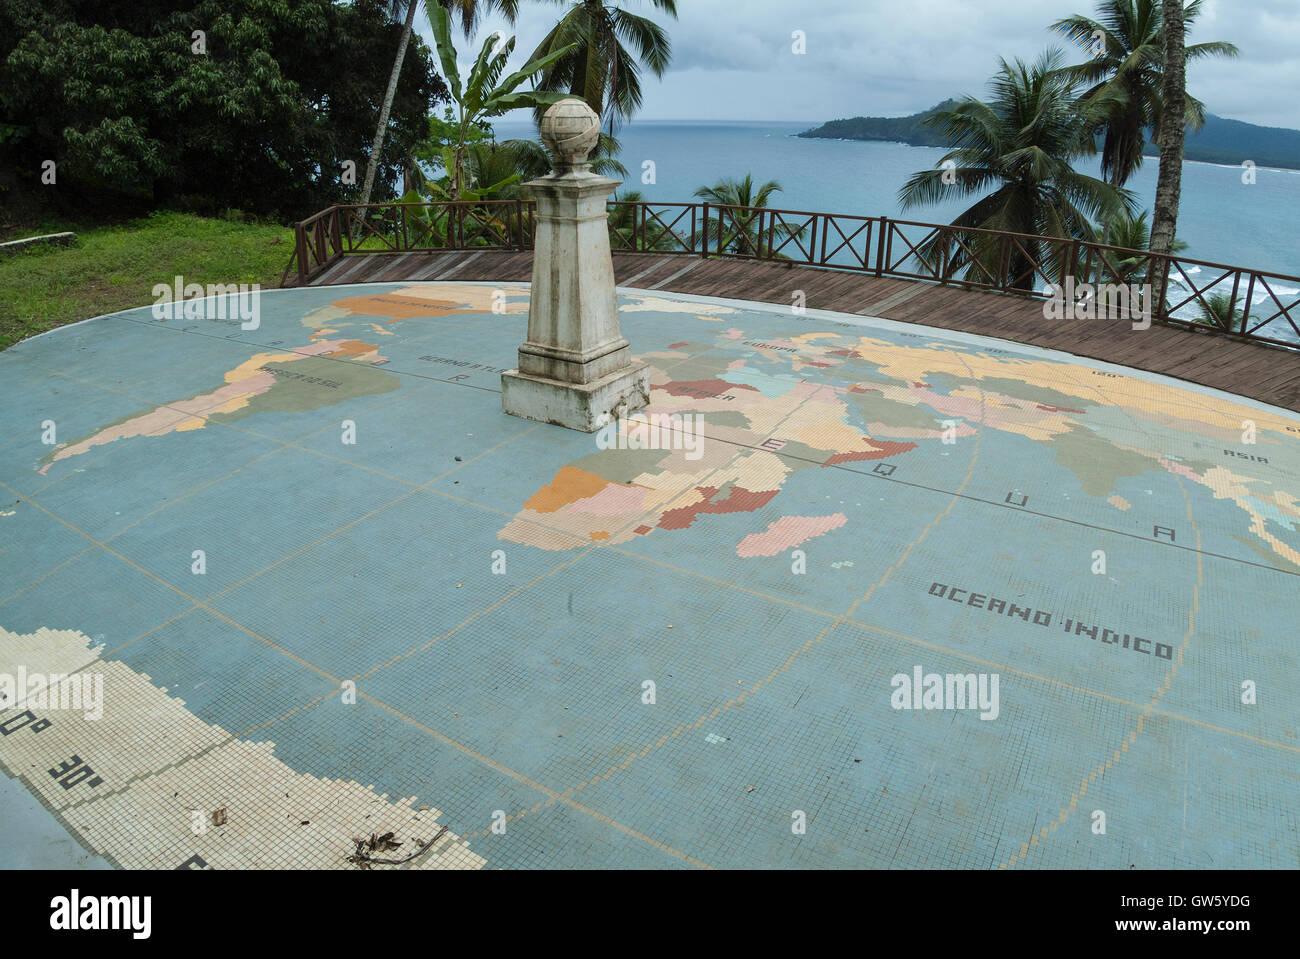 Equator line monument. Ilhéu das Rolas, São Tomé e Príncipe - Stock Image